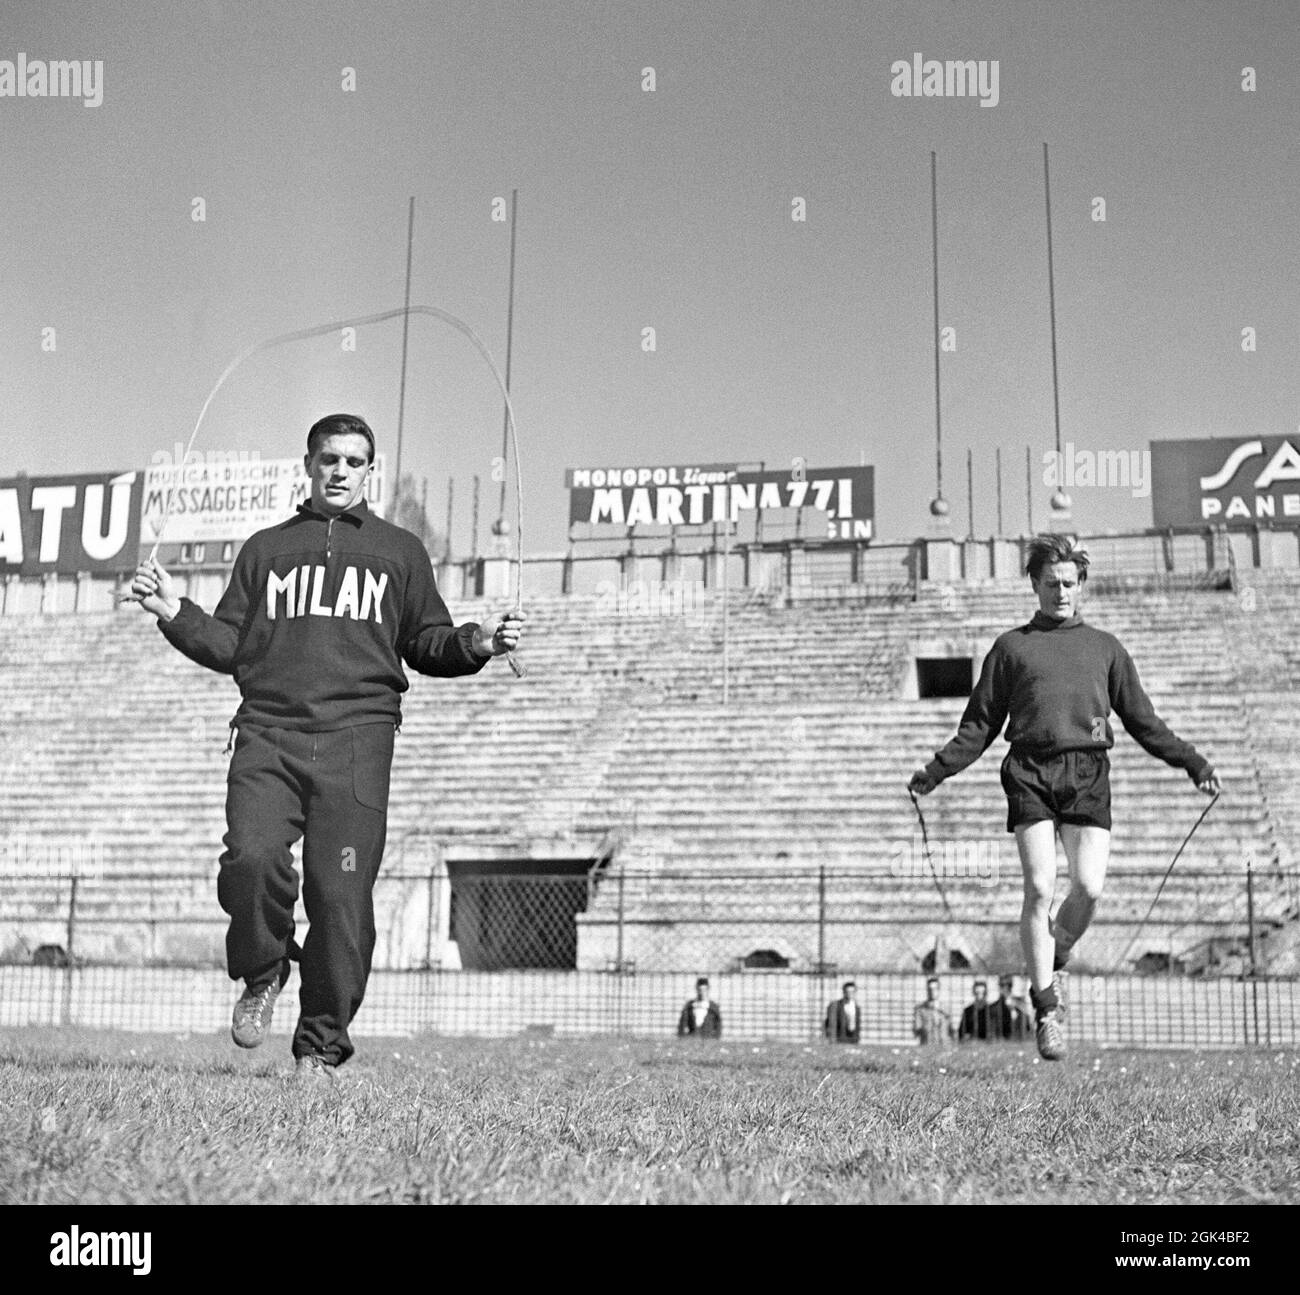 Gunnar Nordahl. 19 de octubre de 1921 - 15 de septiembre de 1995. Jugador de fútbol sueco, más conocido por jugar en el club de fútbol italiano AC Milan de 1949 a 1956. Él alambiques tiene el récord de goles por aparición en Italia. Nordahl está considerado como uno de los mejores futbolistas suecos de todos los tiempos. Nordahl se convirtió en el primer futbolista profesional sueco cuando fue transferido al AC Milan el 22 1949 de enero. Más tarde, se uniría con sus socios de huelga del equipo nacional, Gunnar Gren y Nils Liedholm para formar el famoso trío GRE-No-Li, un exitoso trío que jugaba juntos para el AC Milan. De la Foto de stock